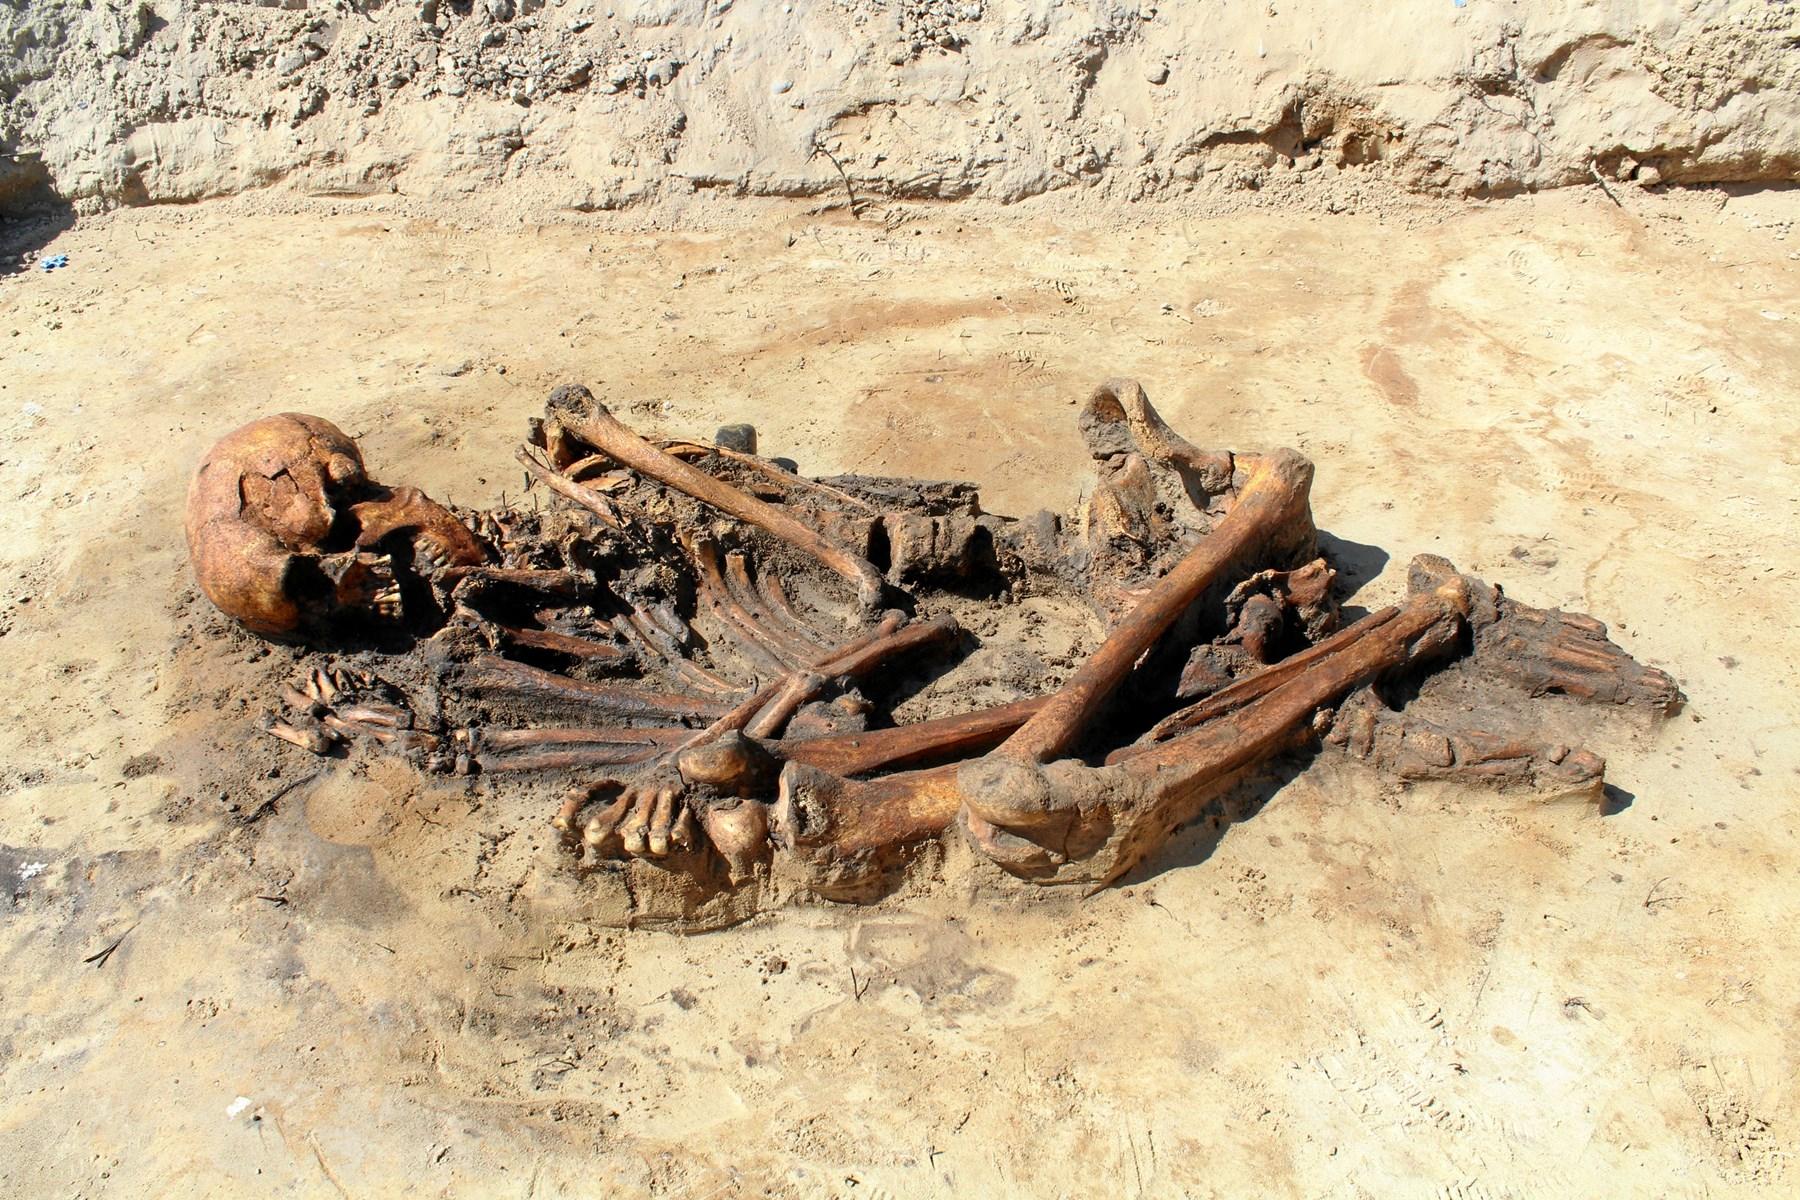 Det er et meget velbevaret skelet fra jernalderen, som arkæologer fra Nordjyllands Historiske Museum har fundet under en stor udgravning i det sydlige Aalborg. Skelettet er i øjeblikket udstillet i en formidlingscontainer ved udgravningen.  Foto: Nordjyllands Historiske Museum